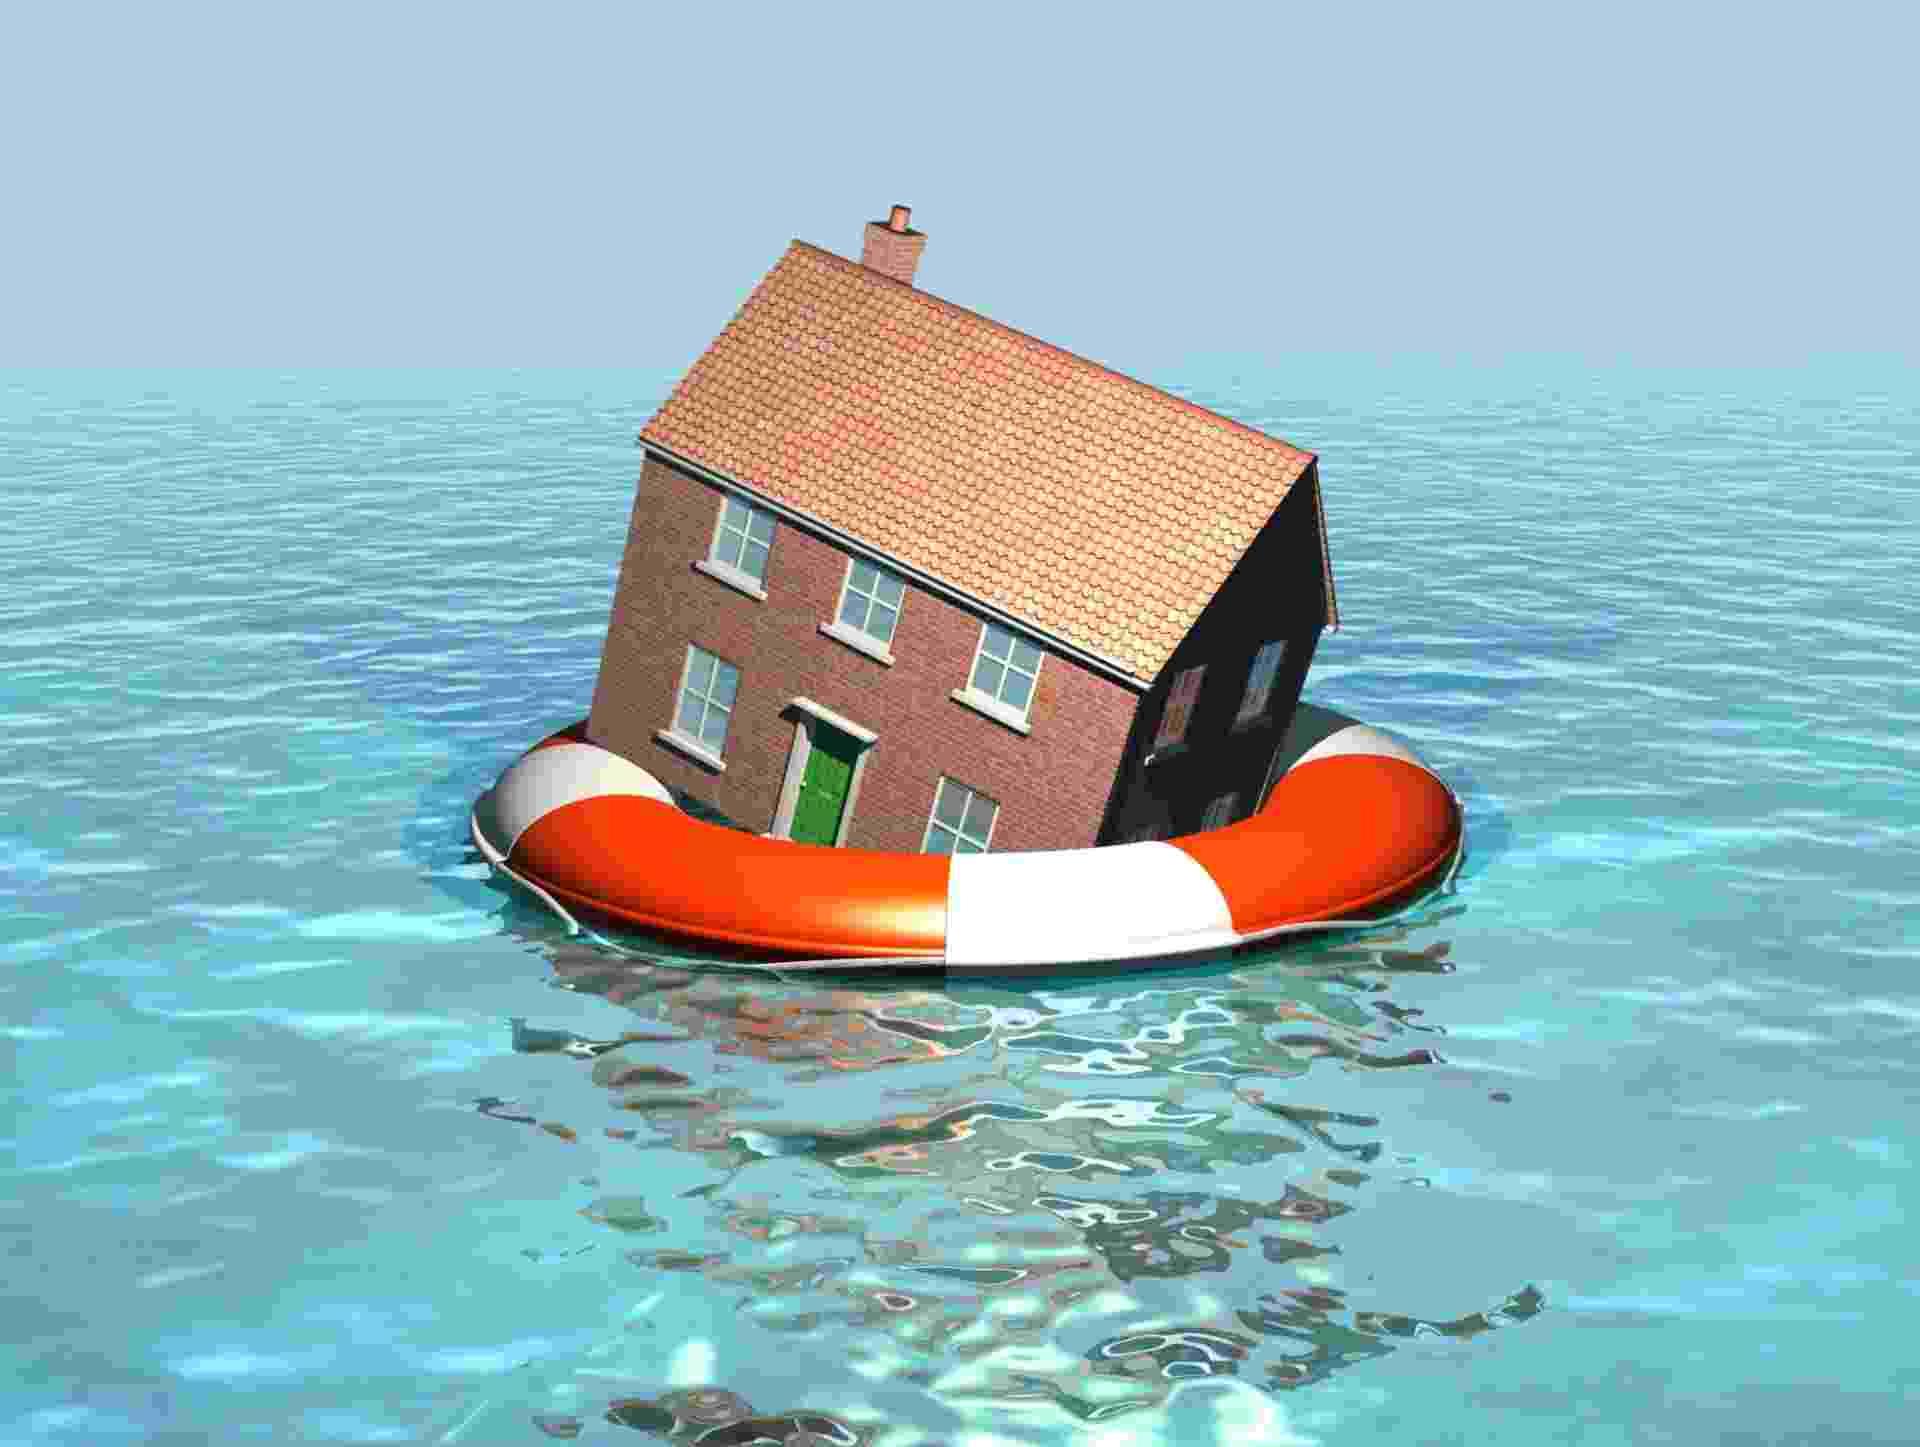 Veja 11 dicas para quem pensa em construir, reformar ou decorar casas de praia - Analise bem o terreno - Getty Images